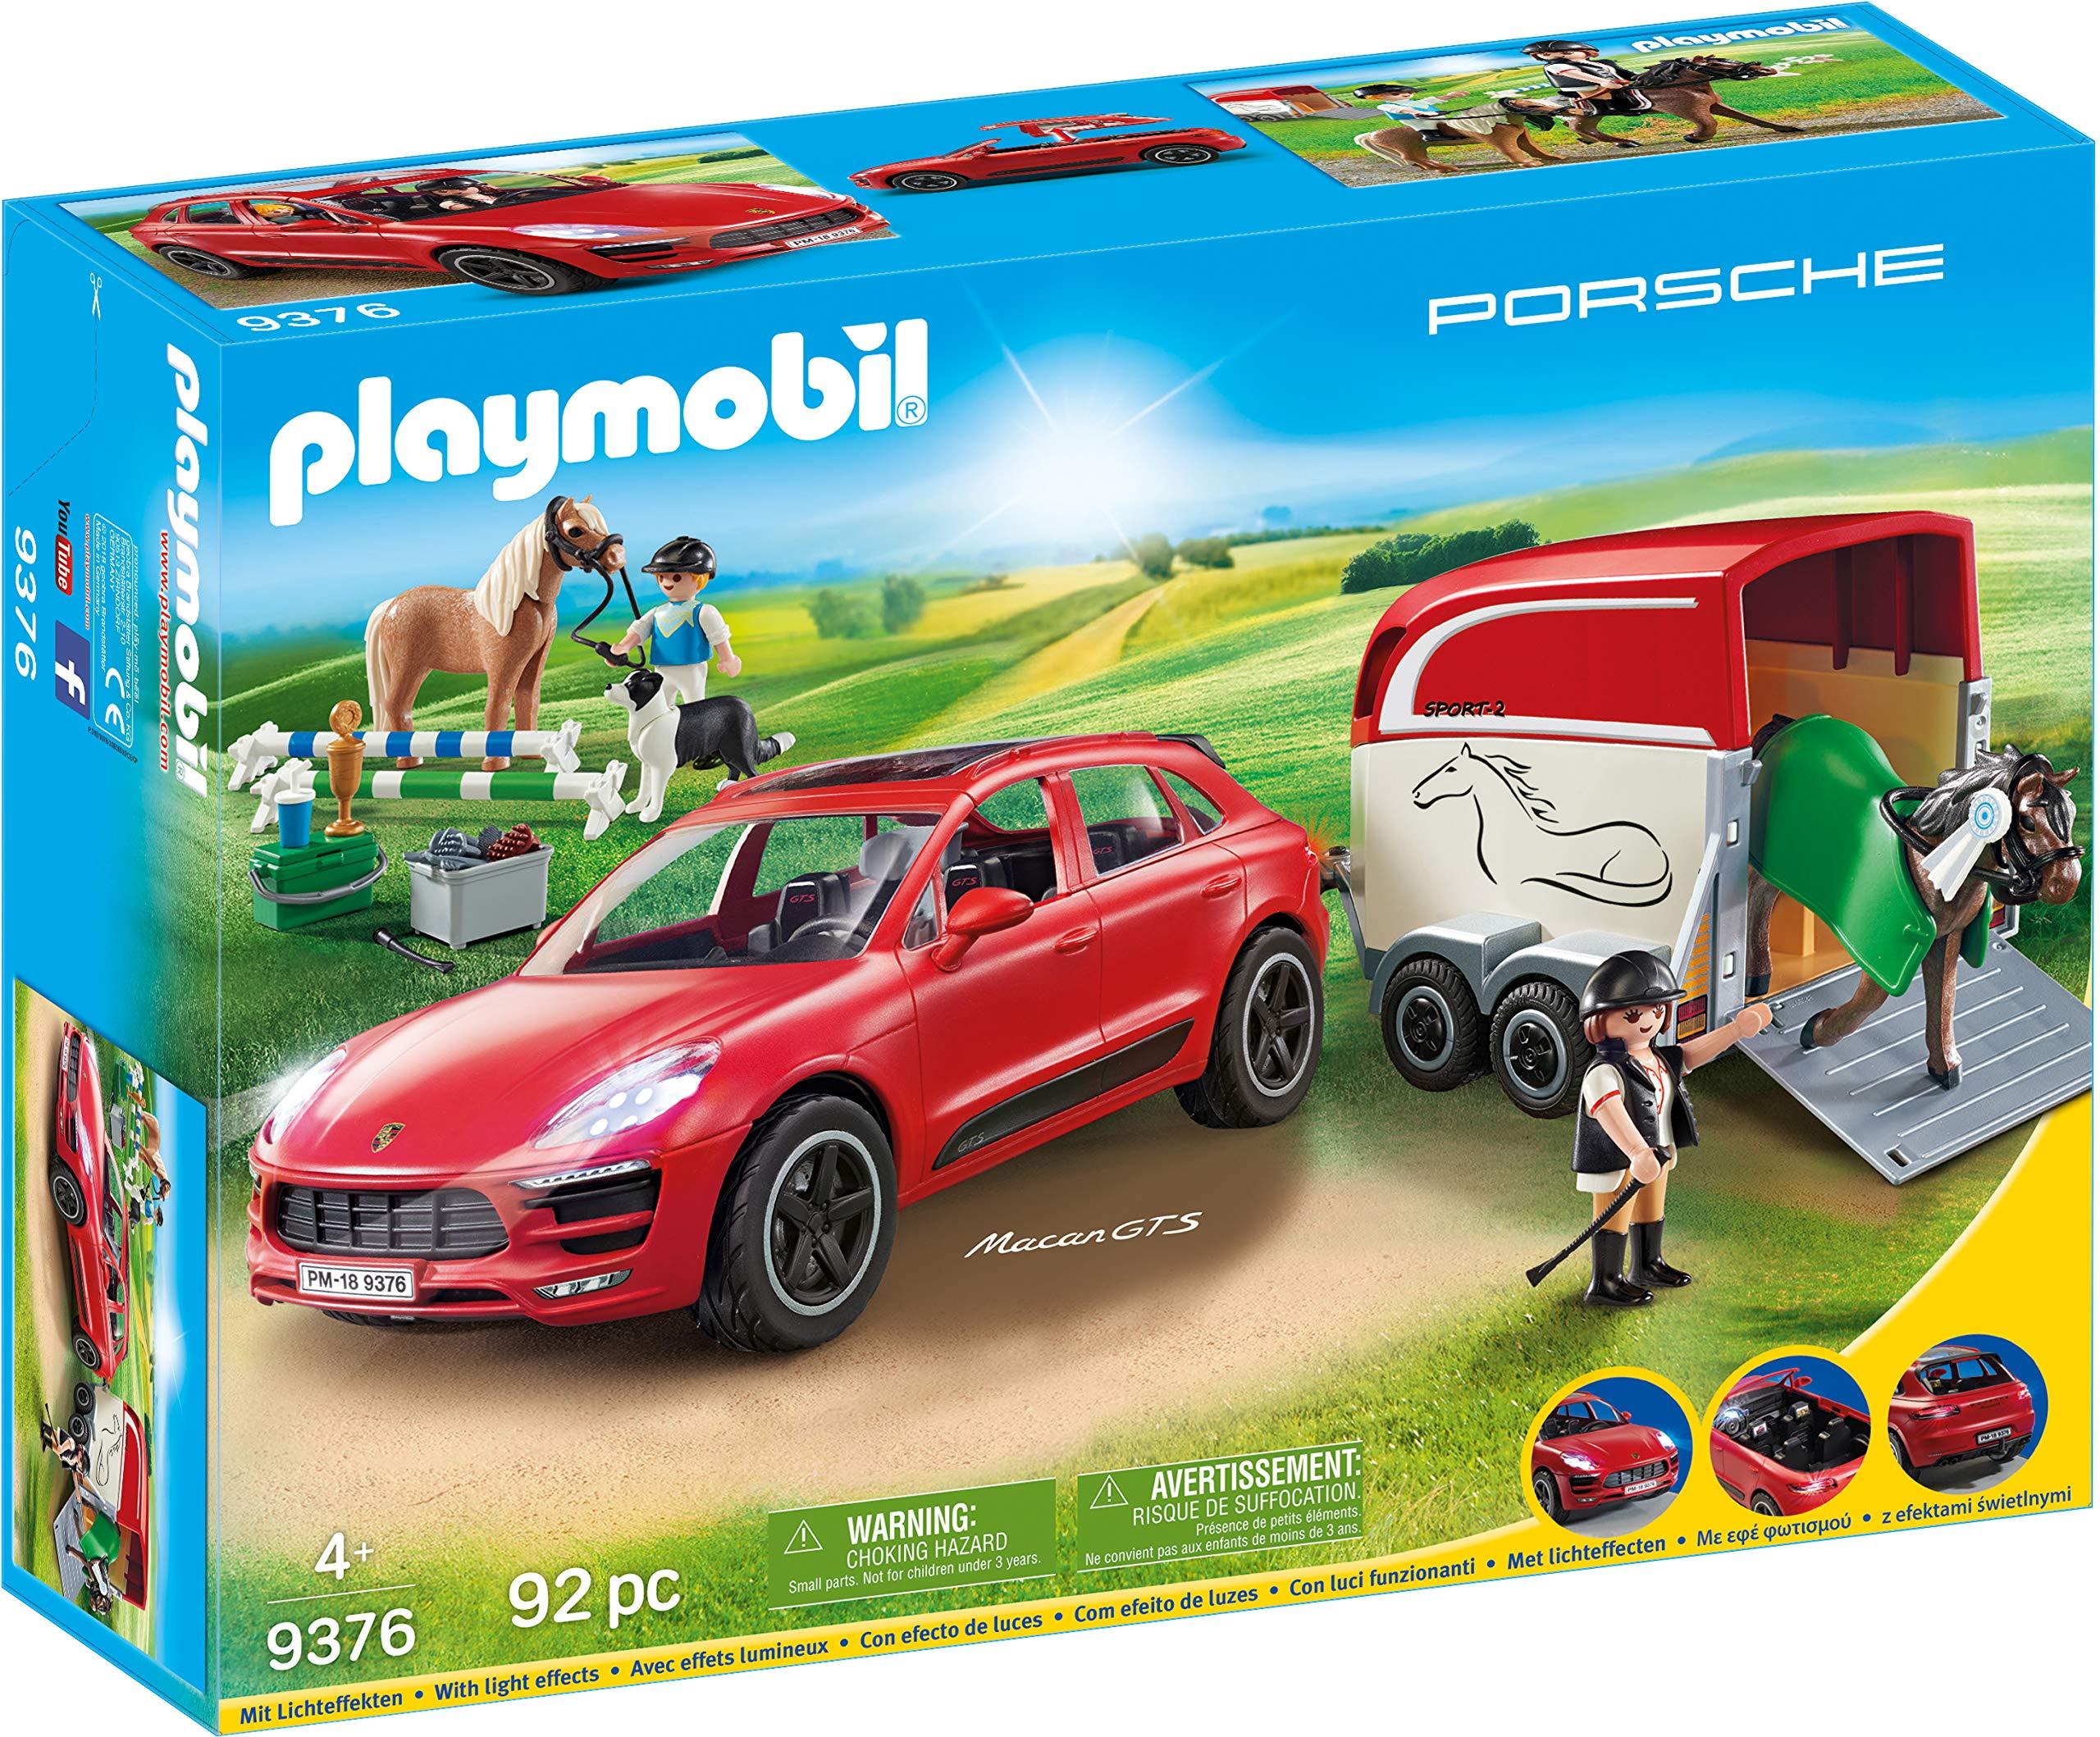 Playmobil Porsche Macan GTS Multicolor